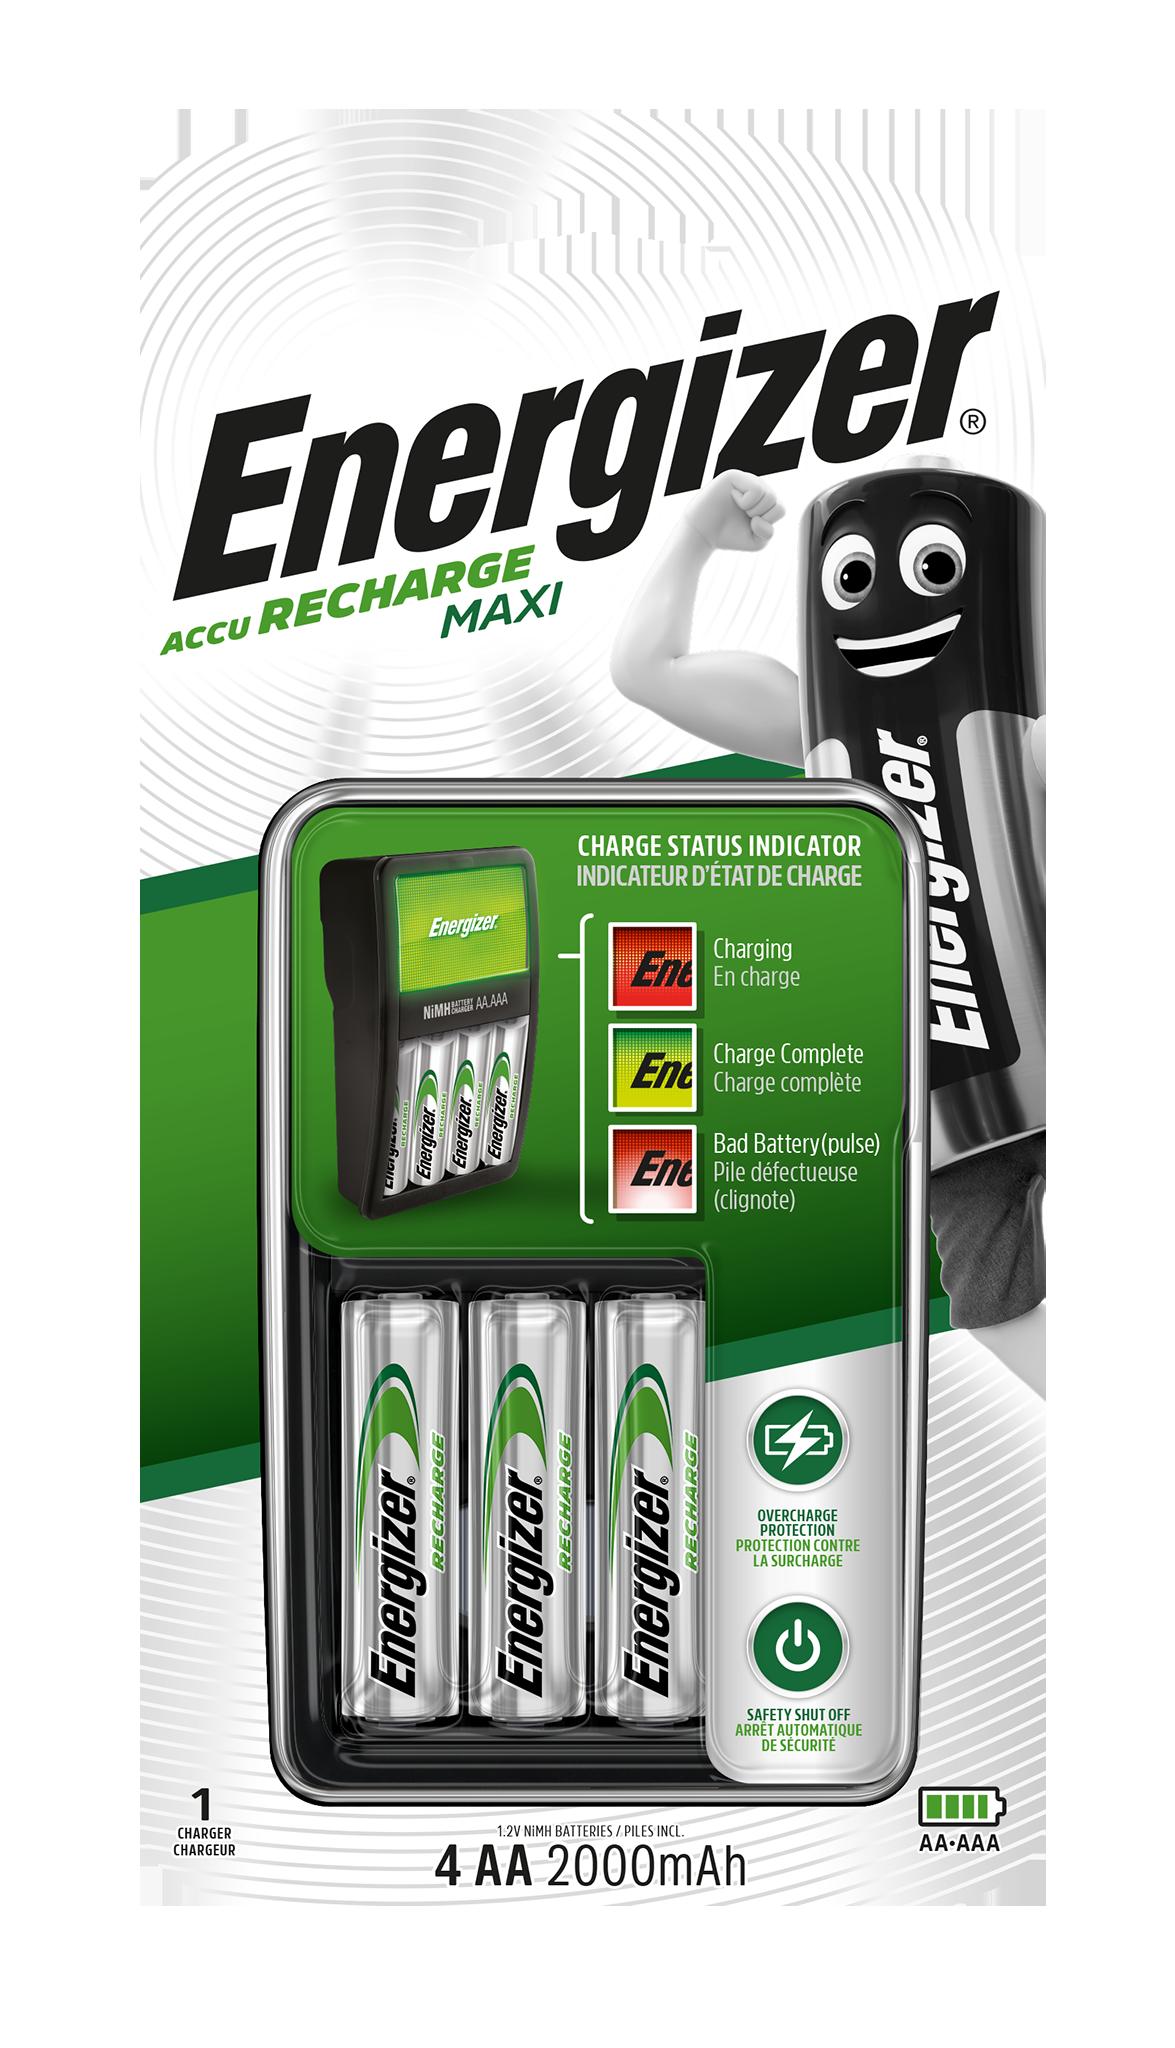 Nabíječka Energizer MAXI + 4 AA Energizer 2000mAh